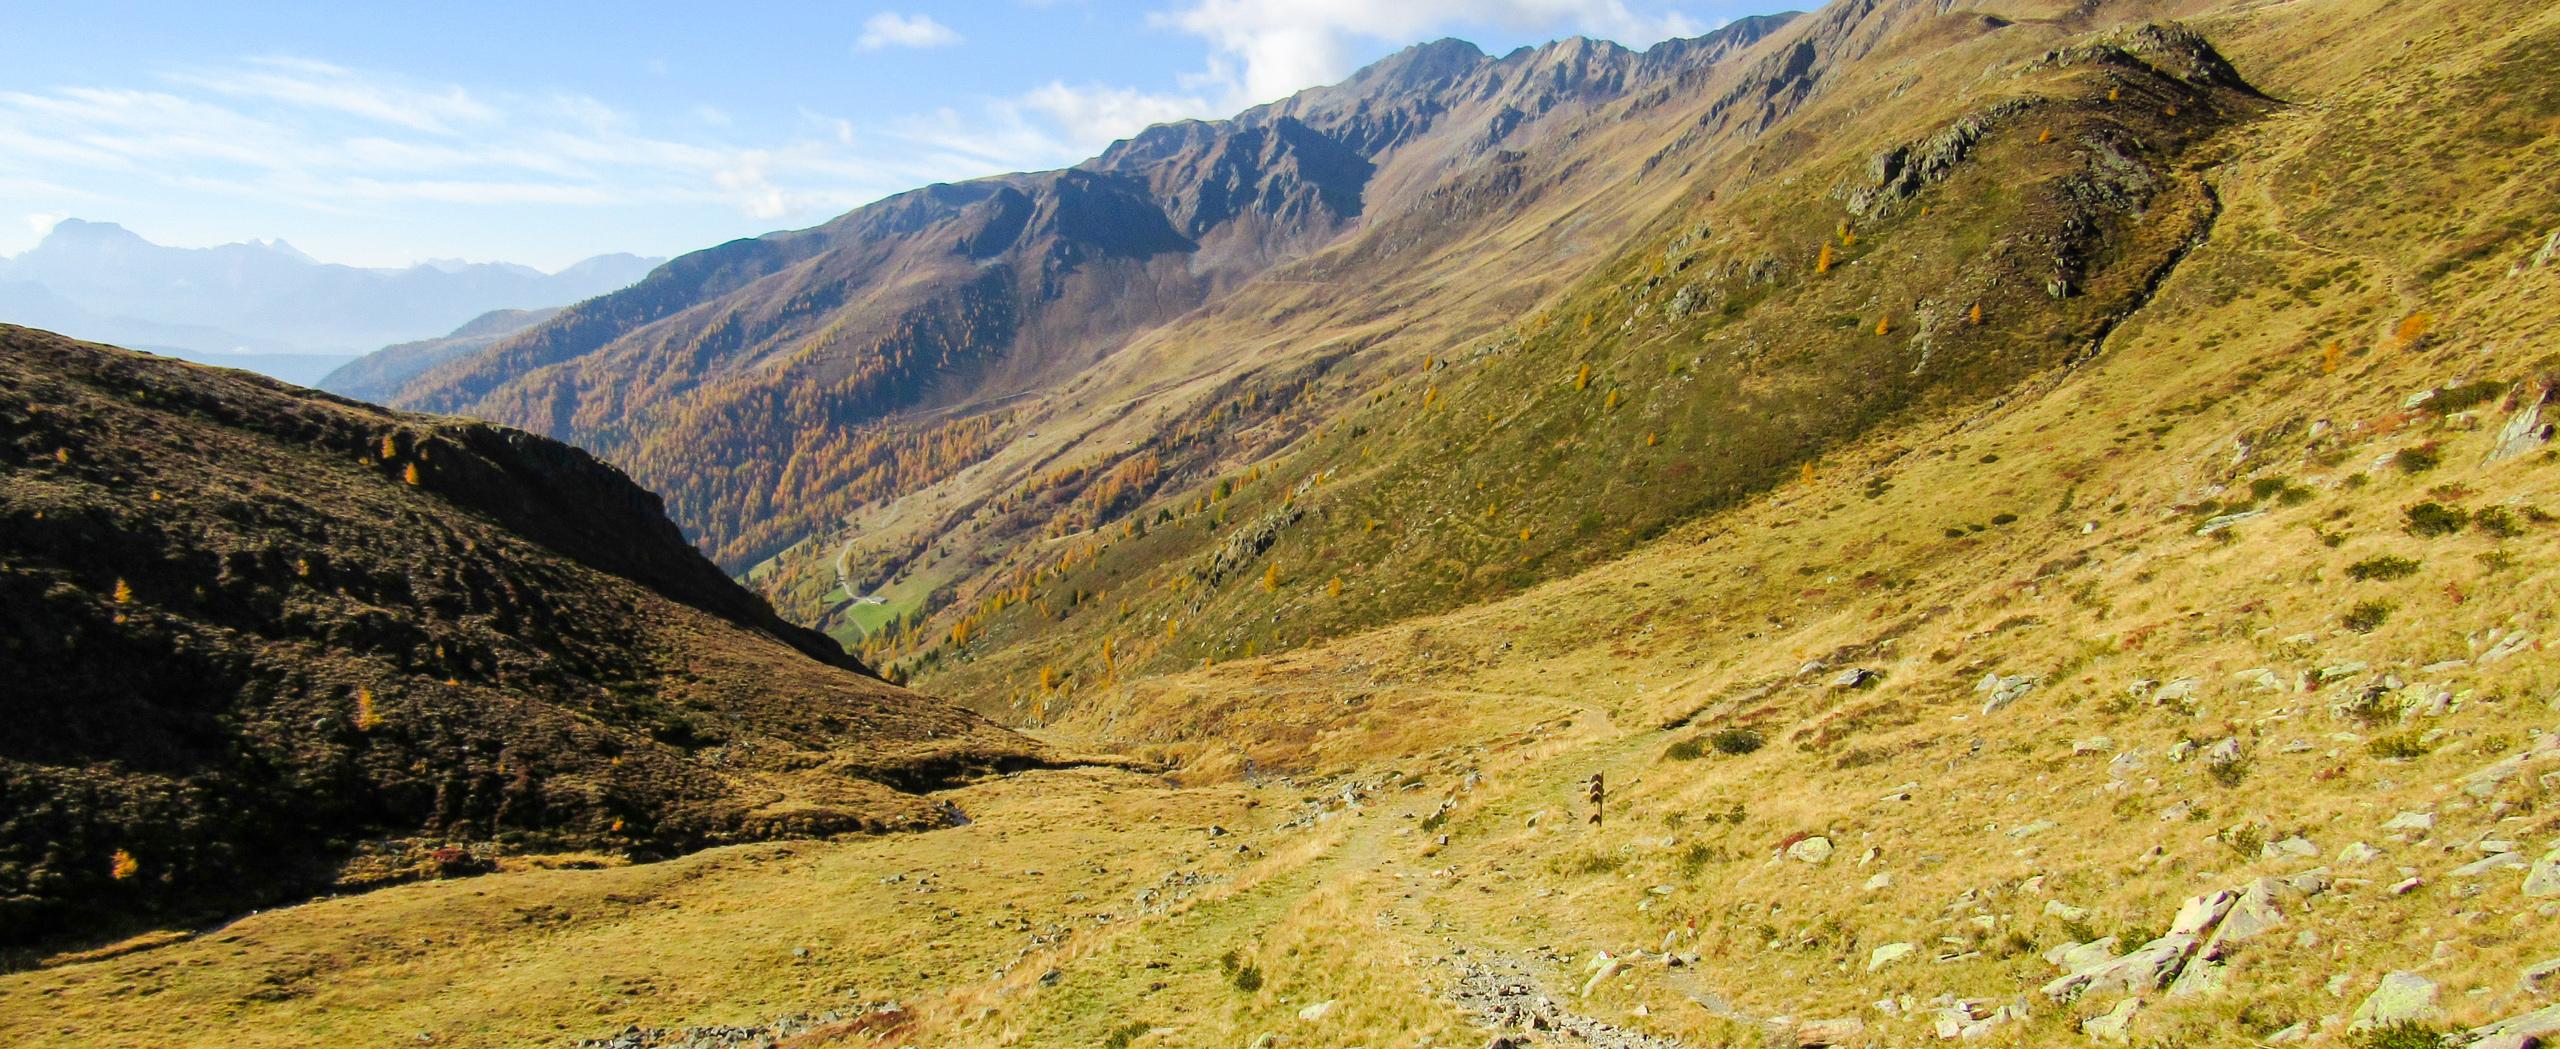 Hiking Kitzbüler to Tre Cime